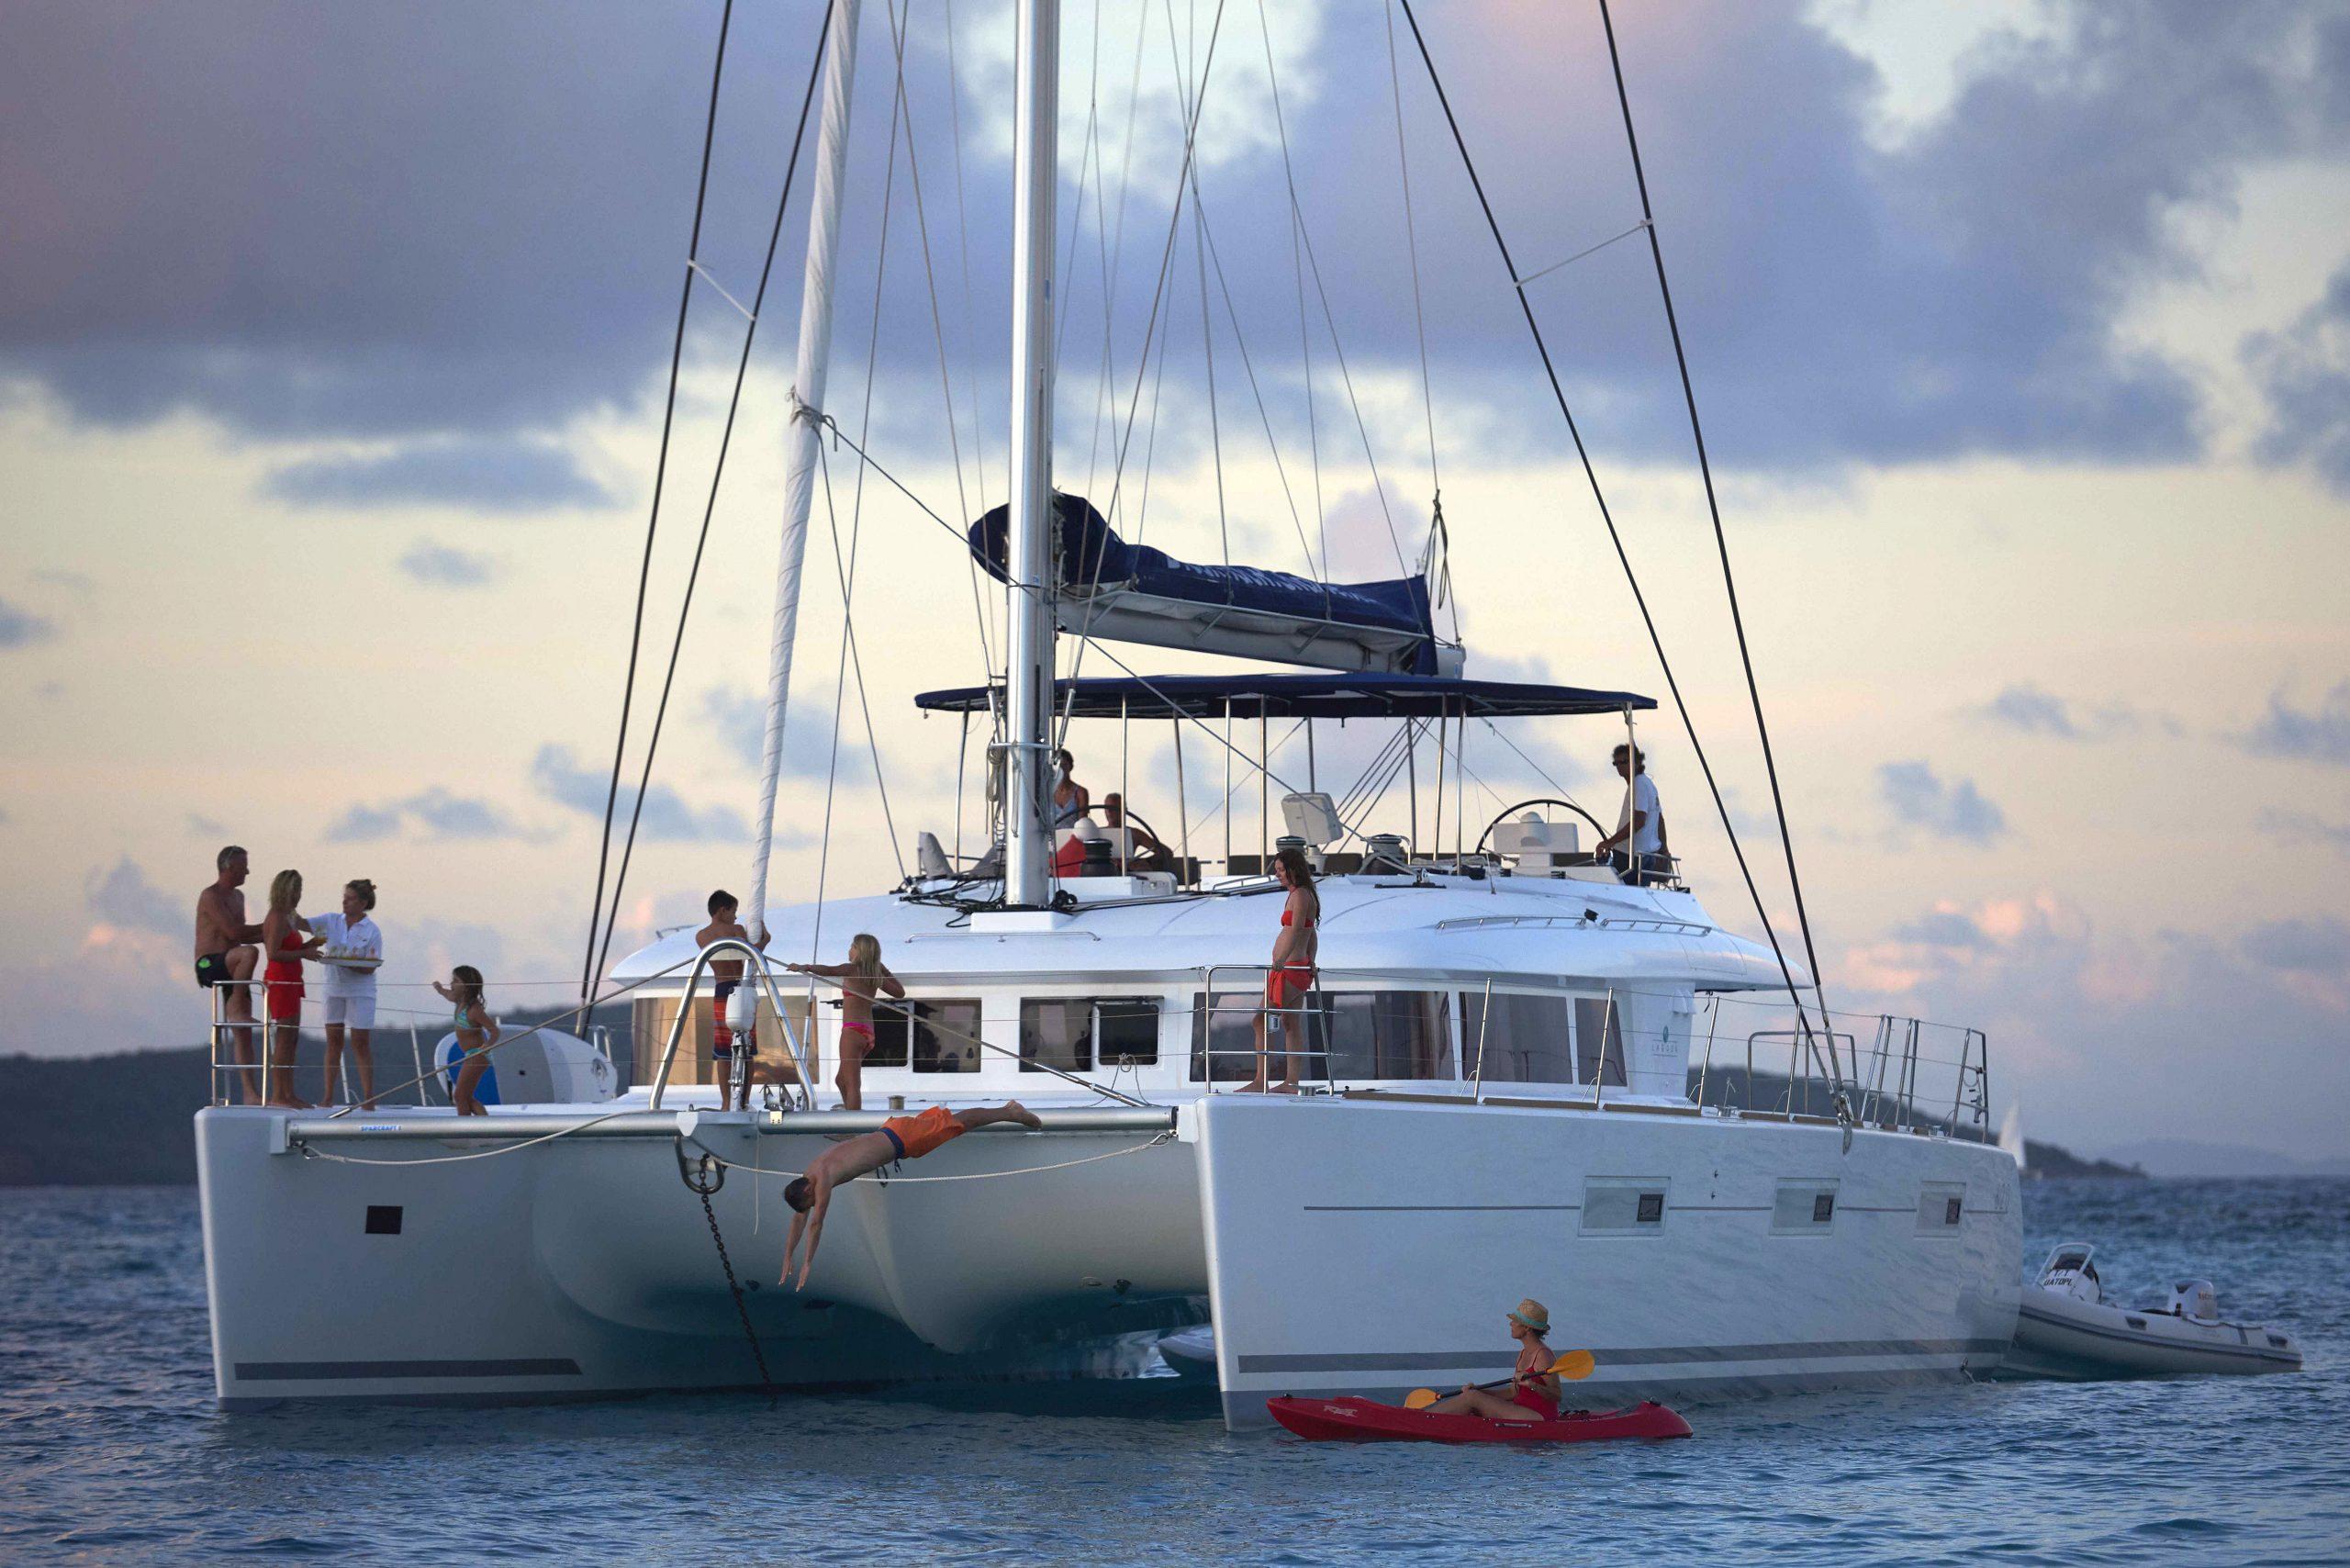 katamaran båt med människor